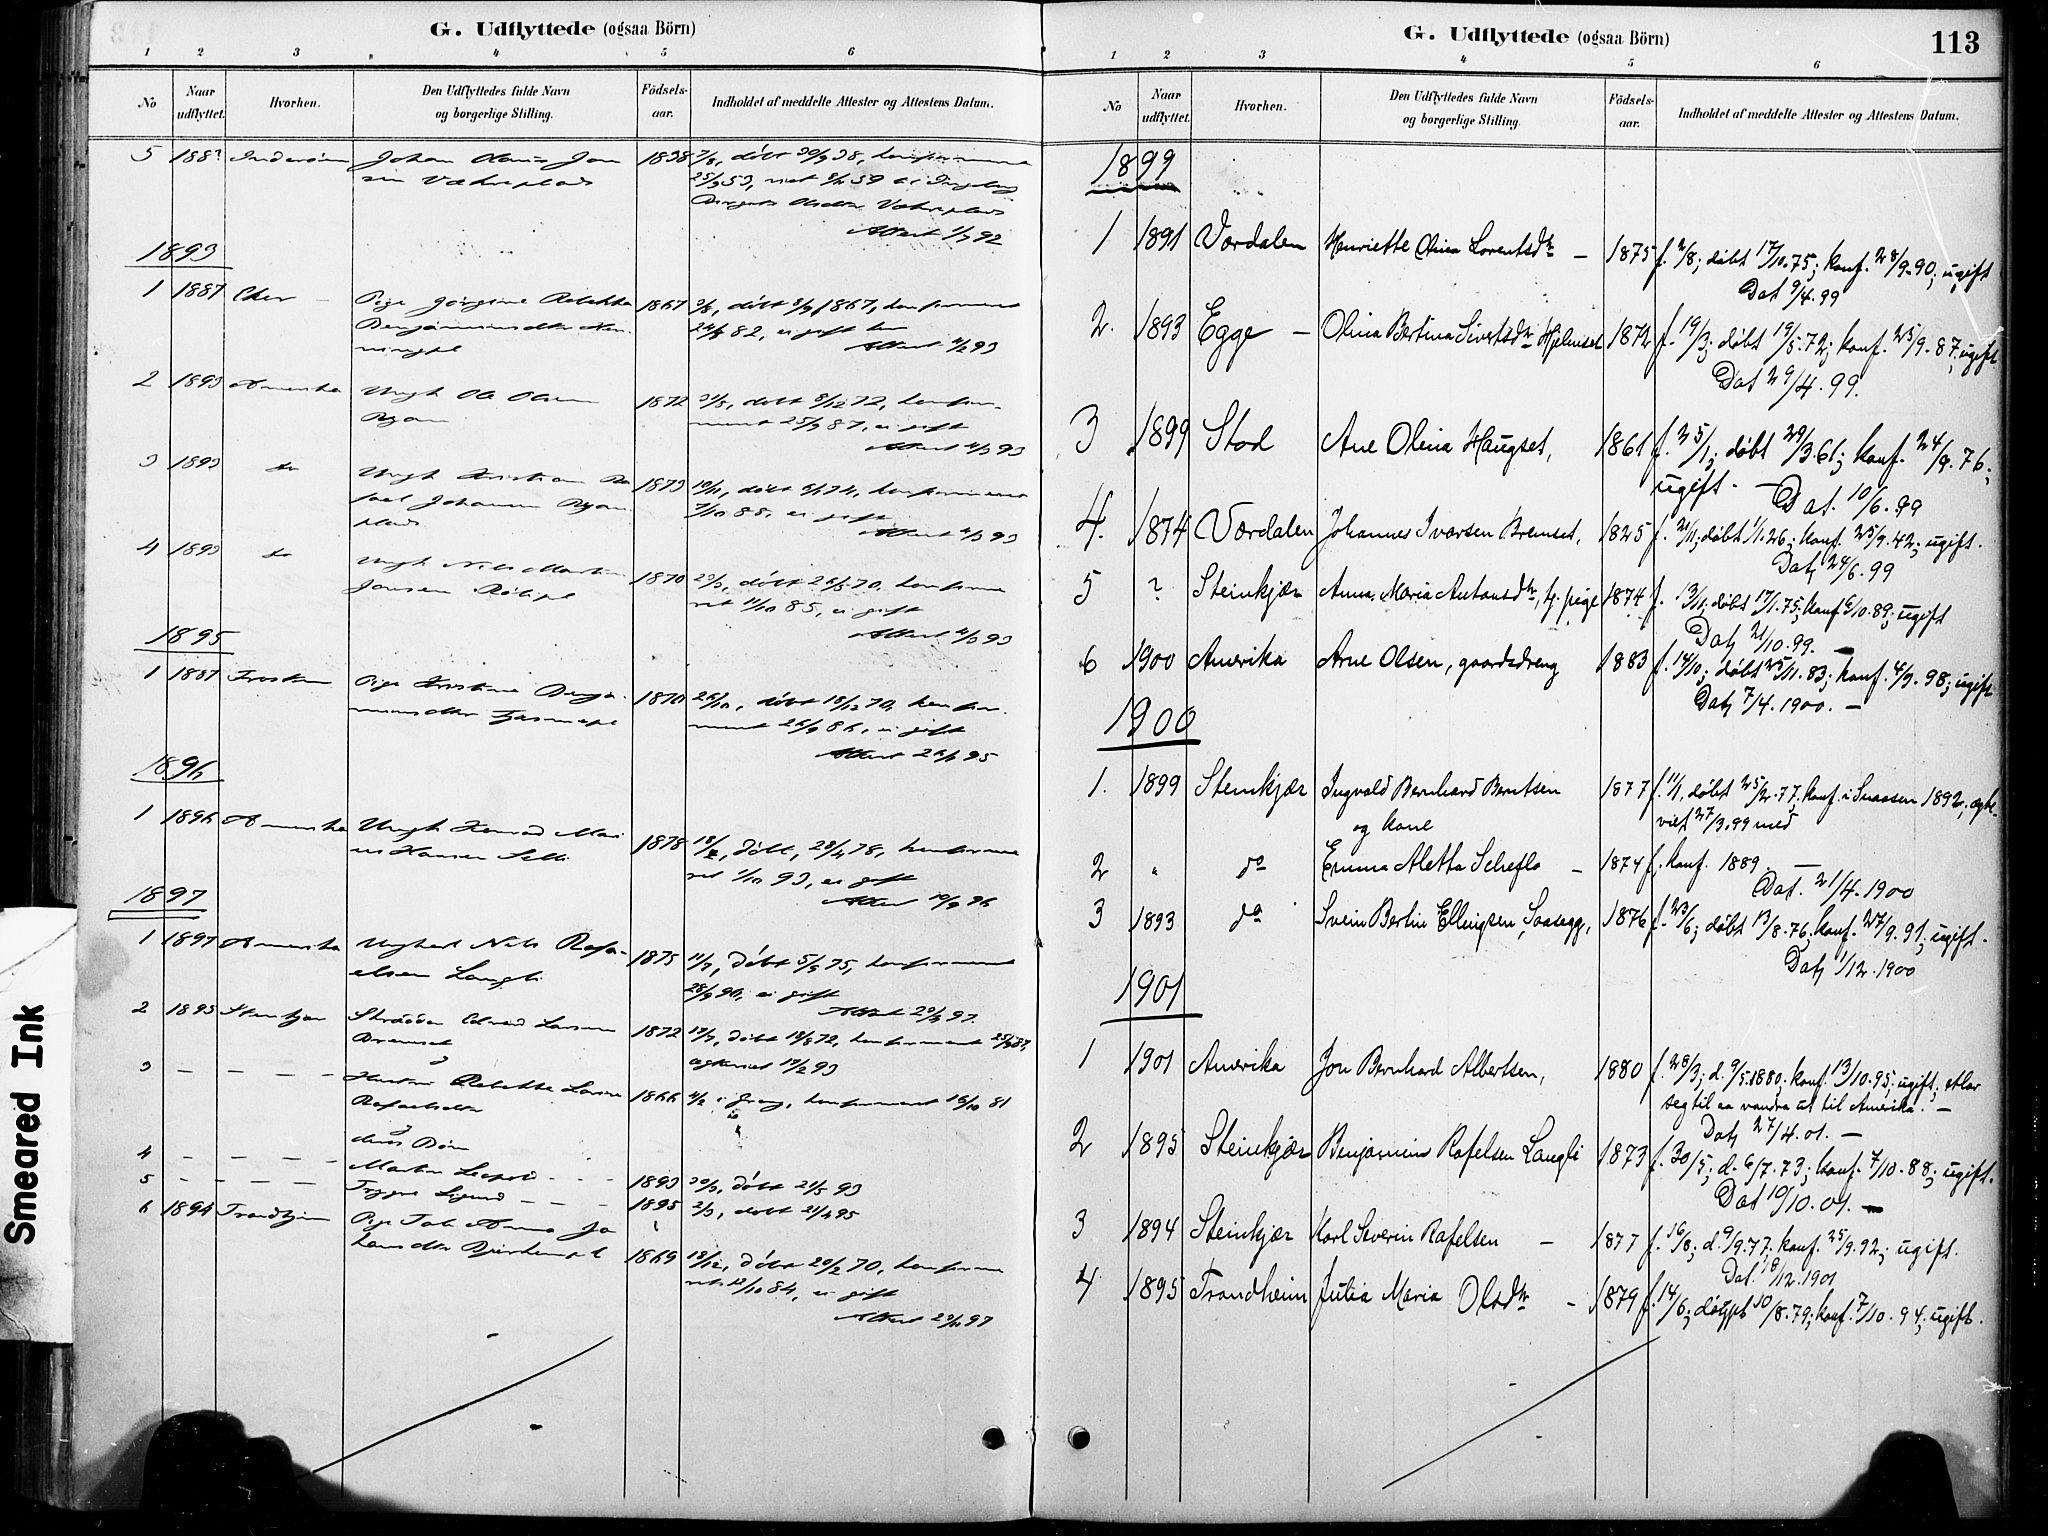 SAT, Ministerialprotokoller, klokkerbøker og fødselsregistre - Nord-Trøndelag, 738/L0364: Ministerialbok nr. 738A01, 1884-1902, s. 113